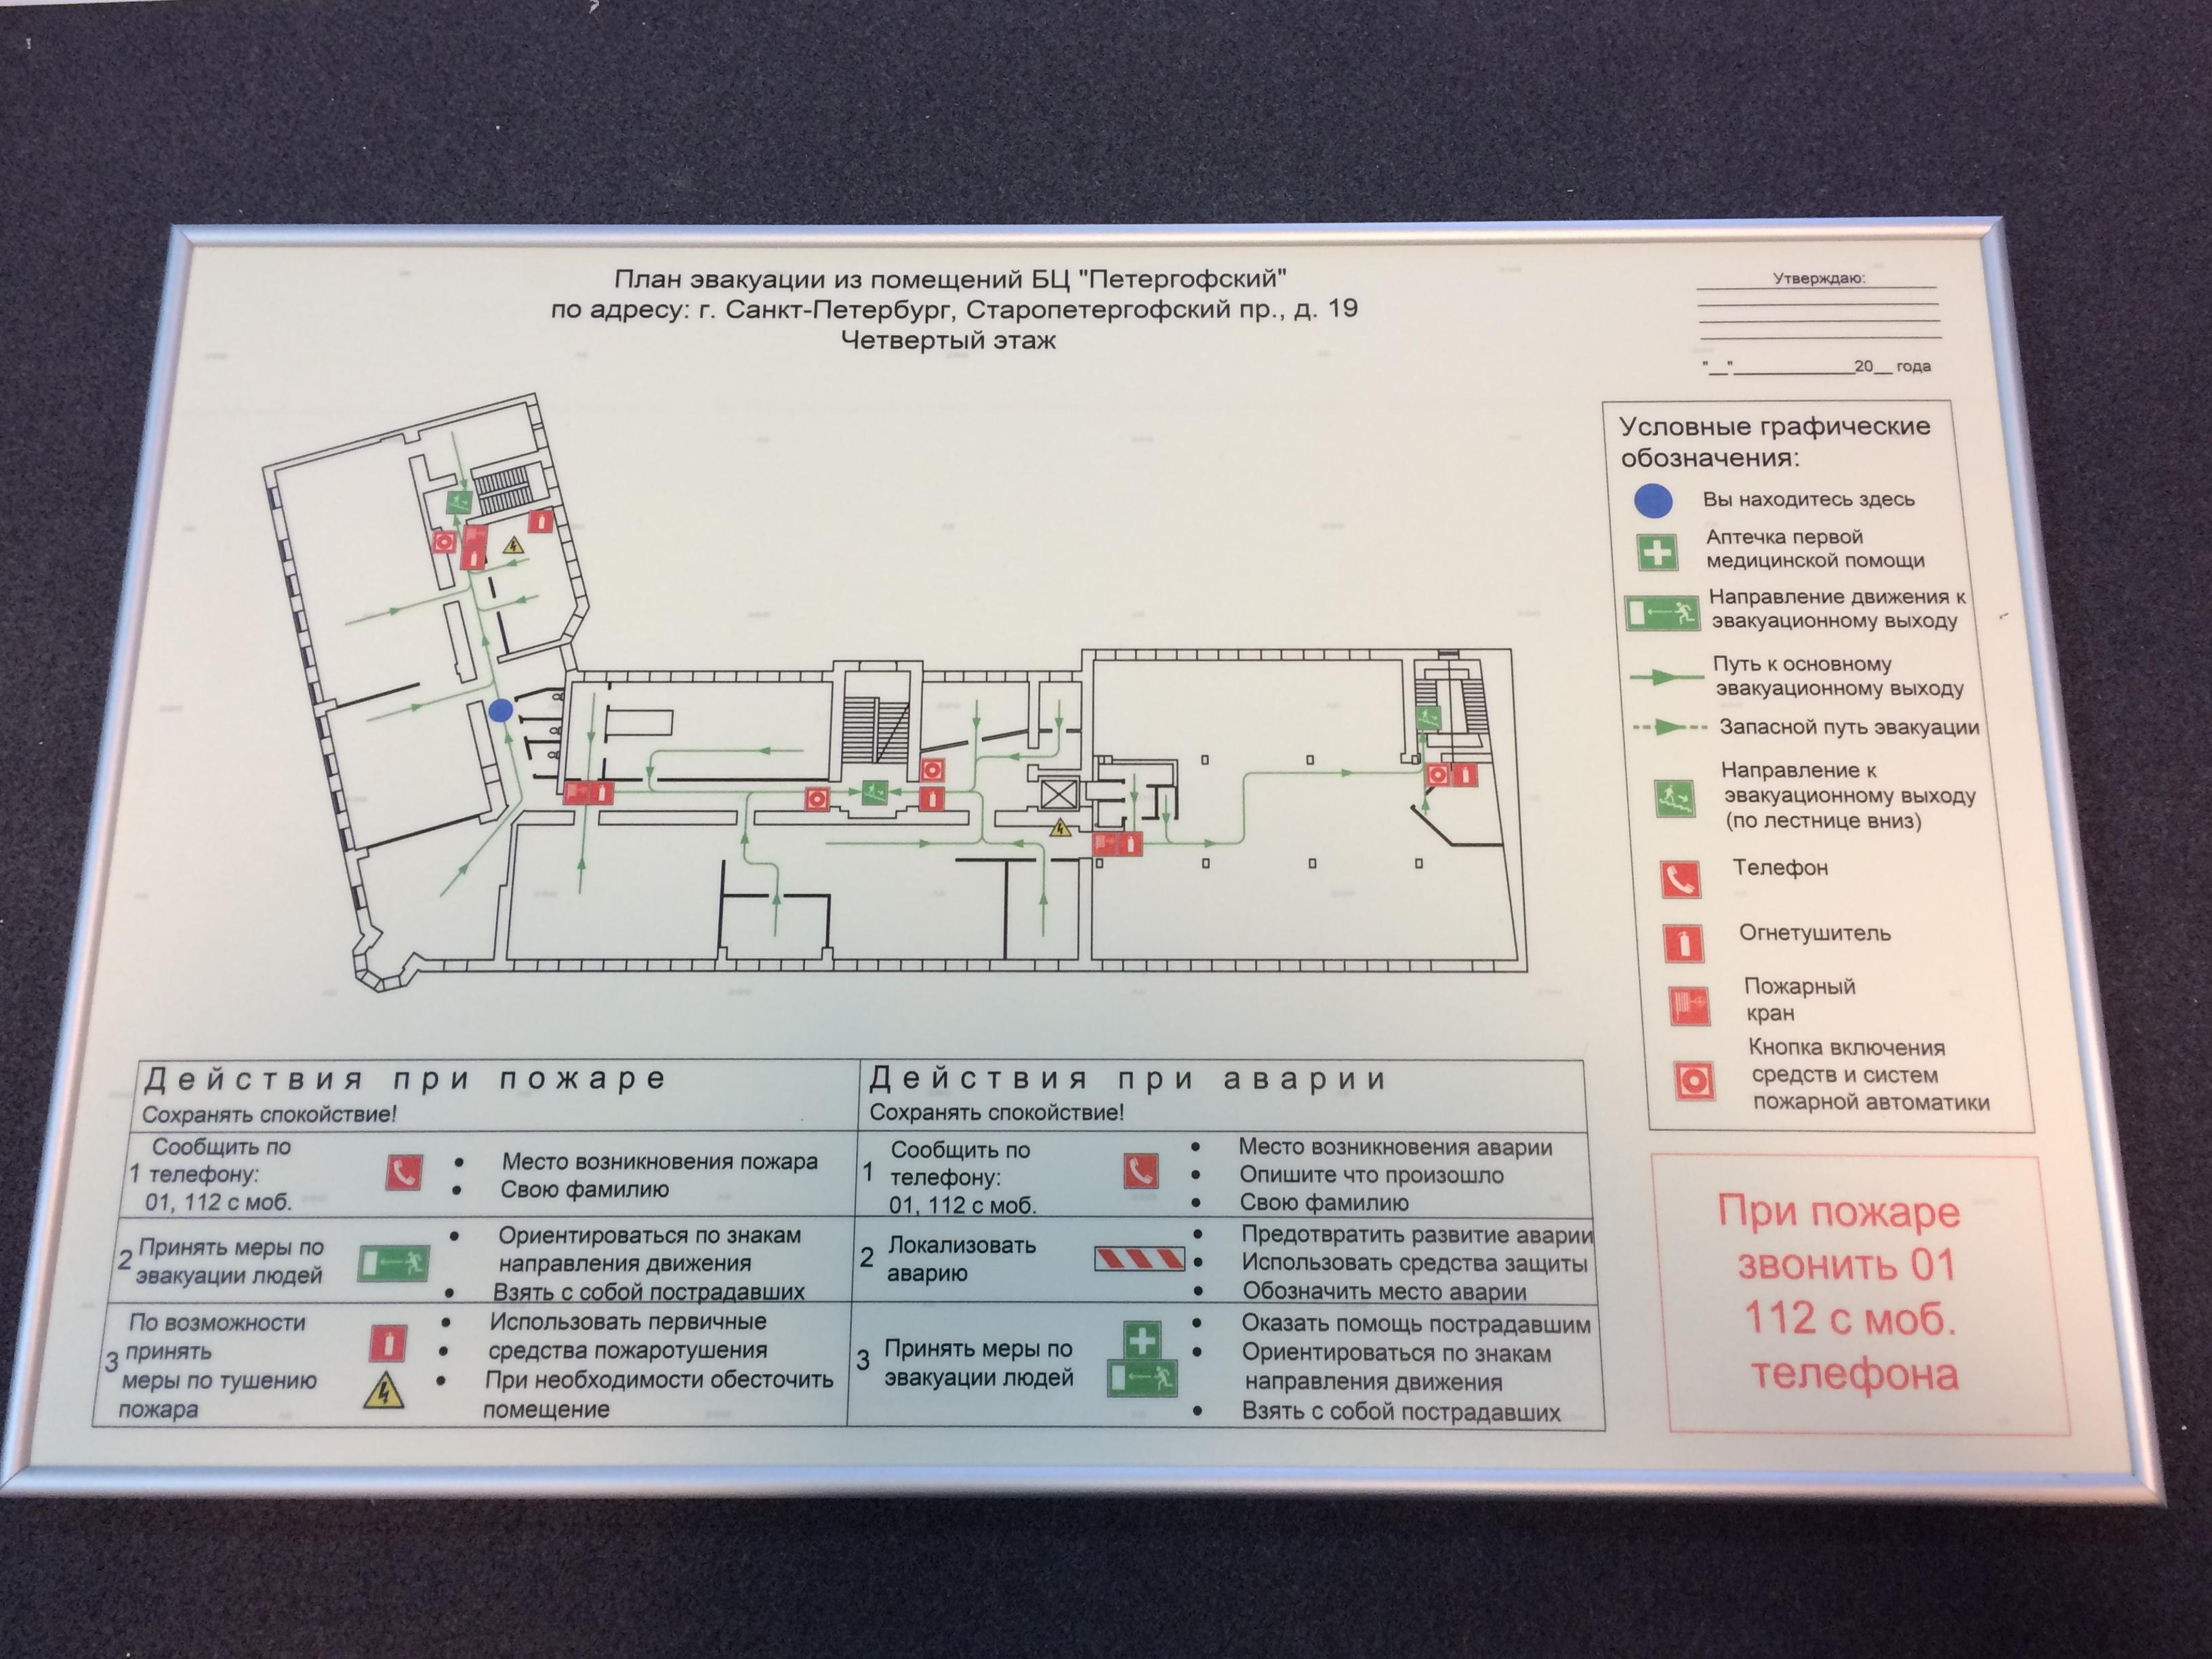 планы эвакуцации